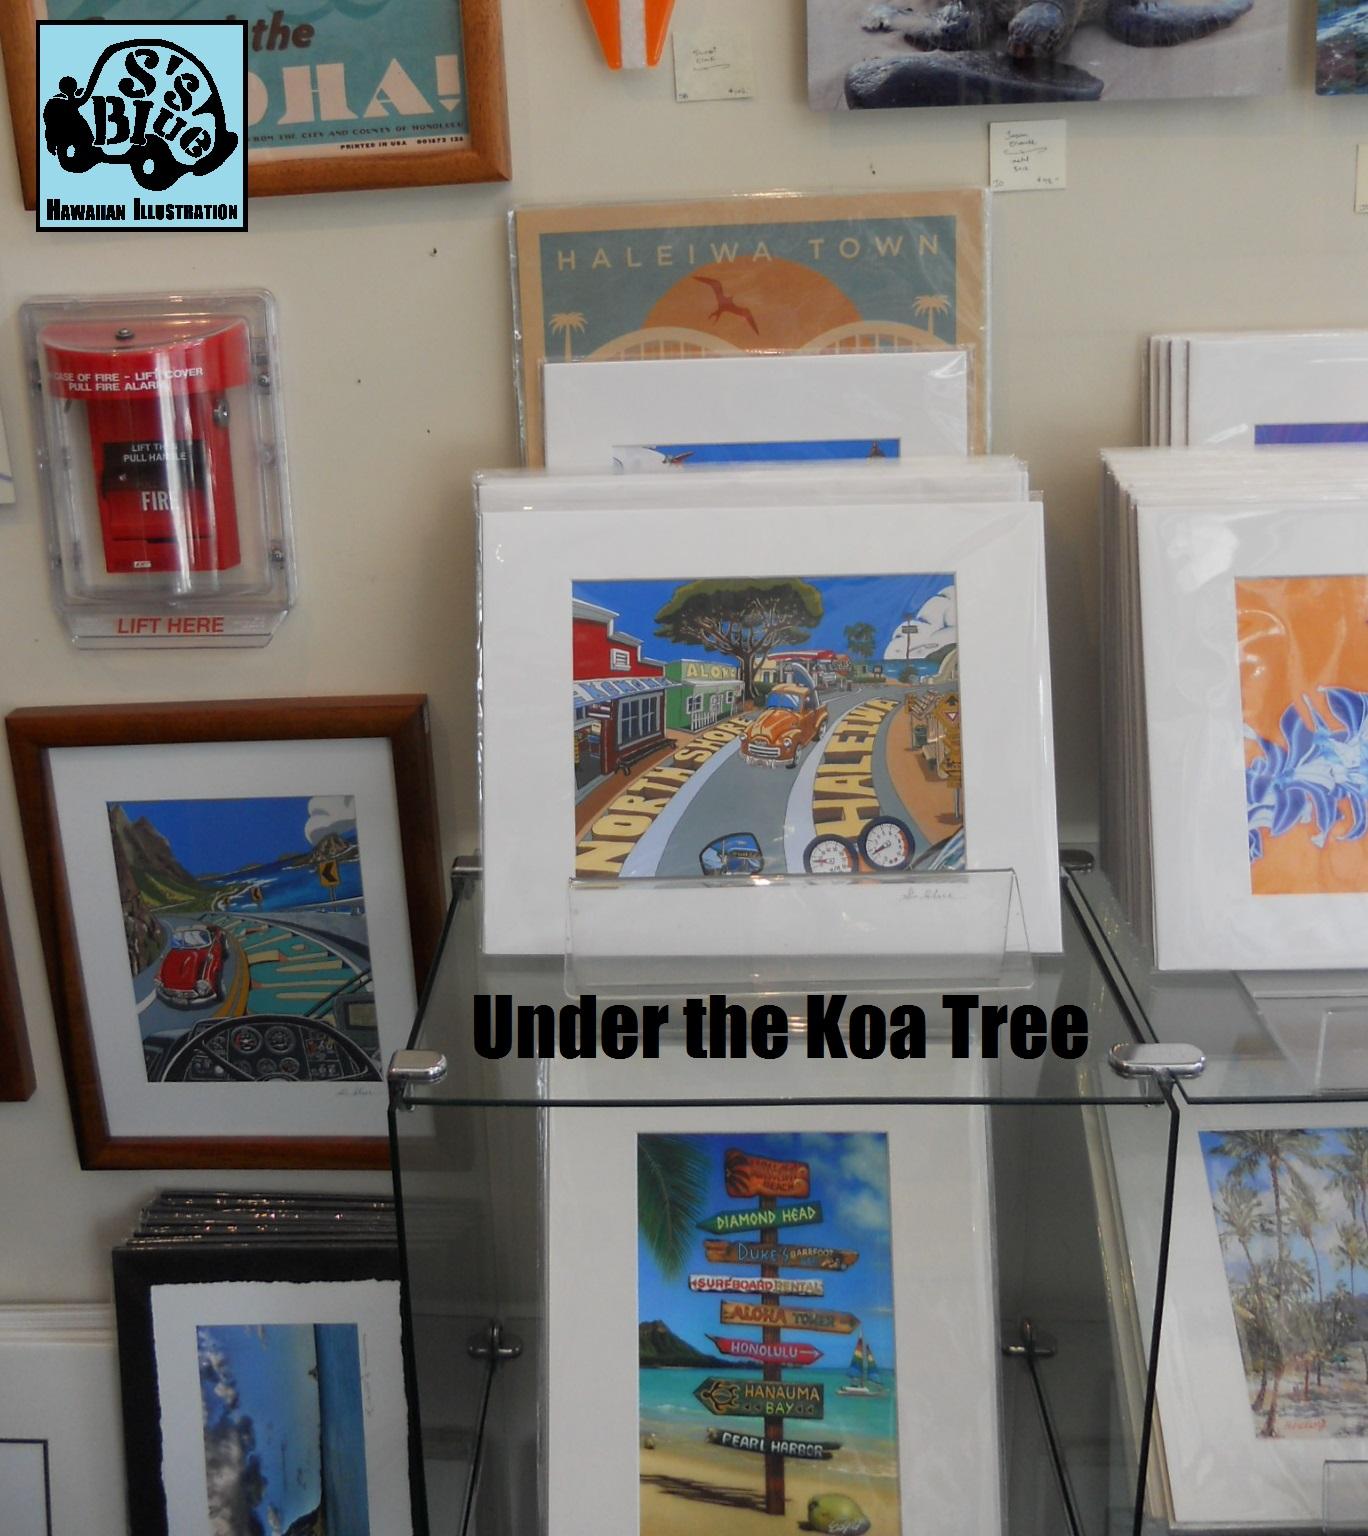 Under the Koa Tree